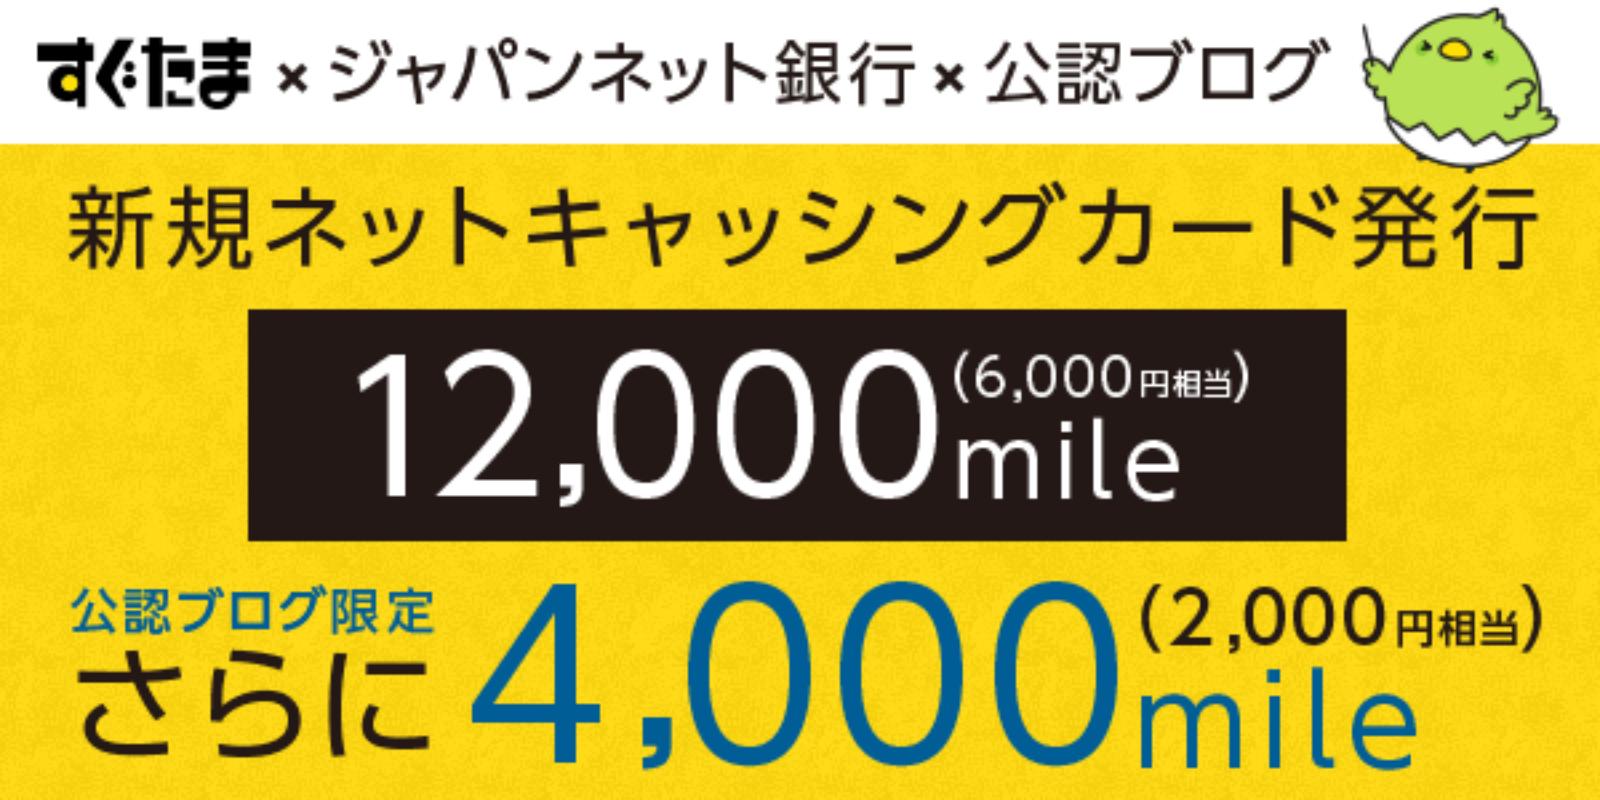 すぐたま-ジャパンネット銀行キャッシング